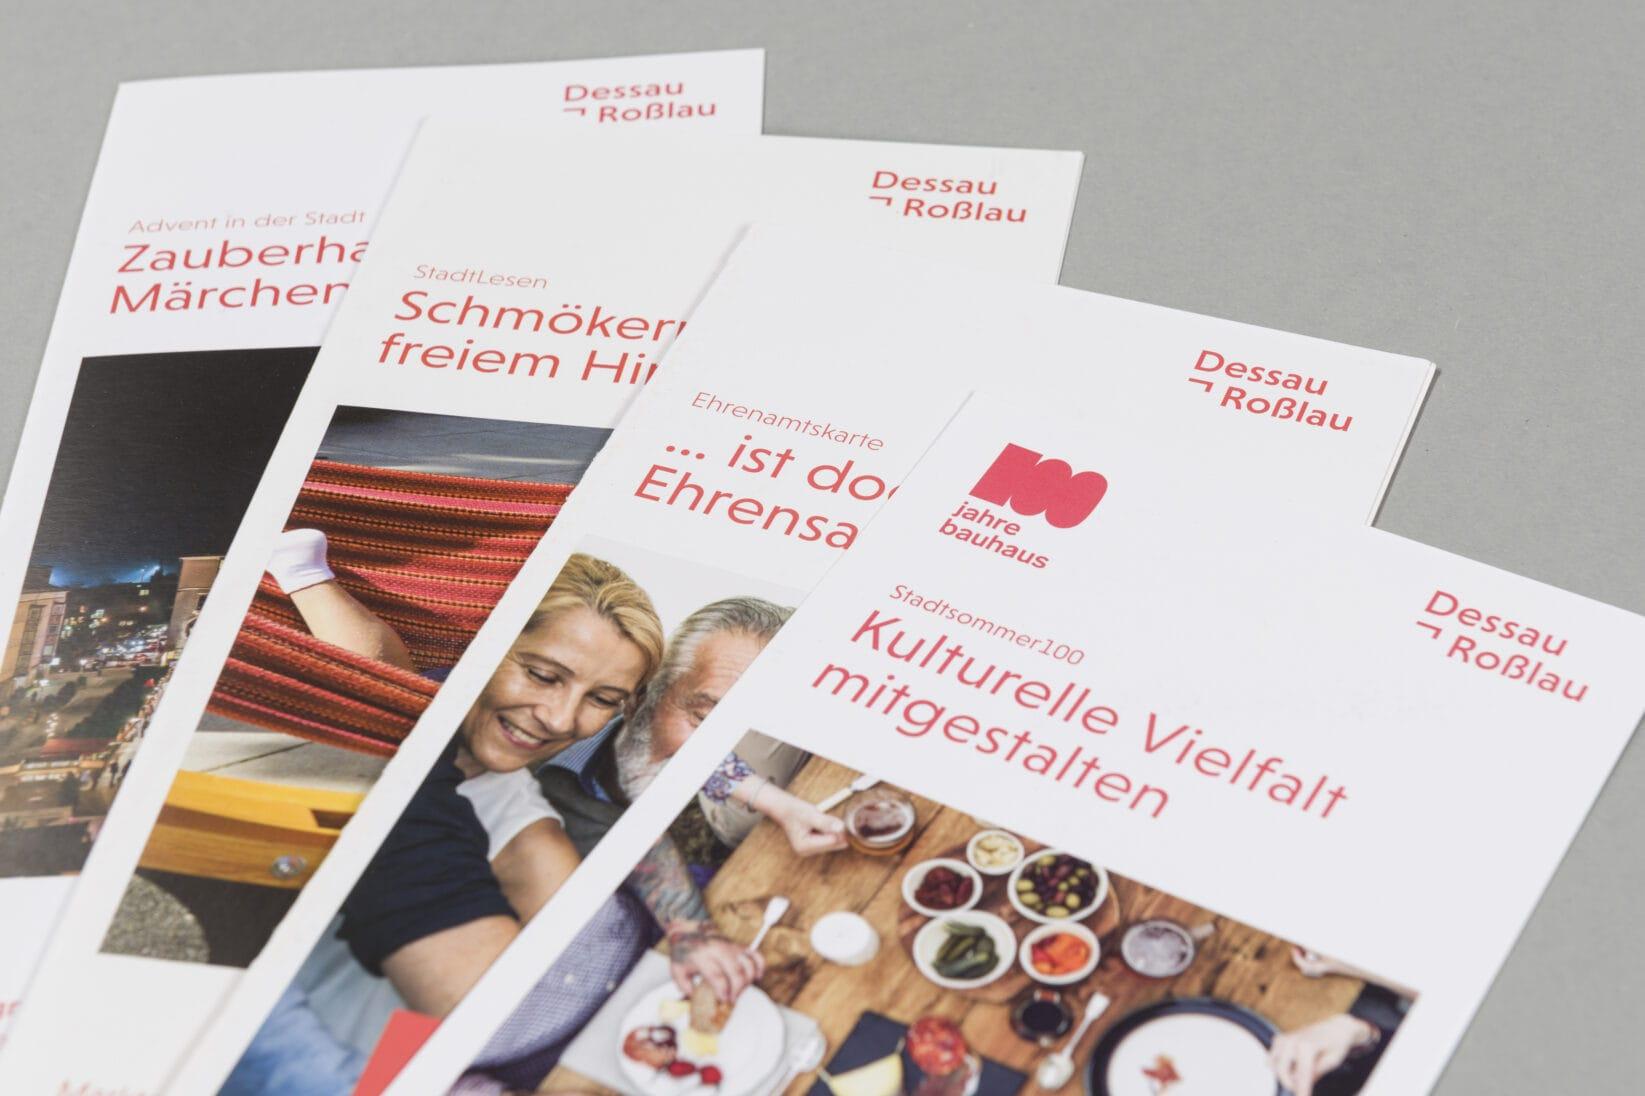 Dessau-Rosslau Coporate Design Flyer